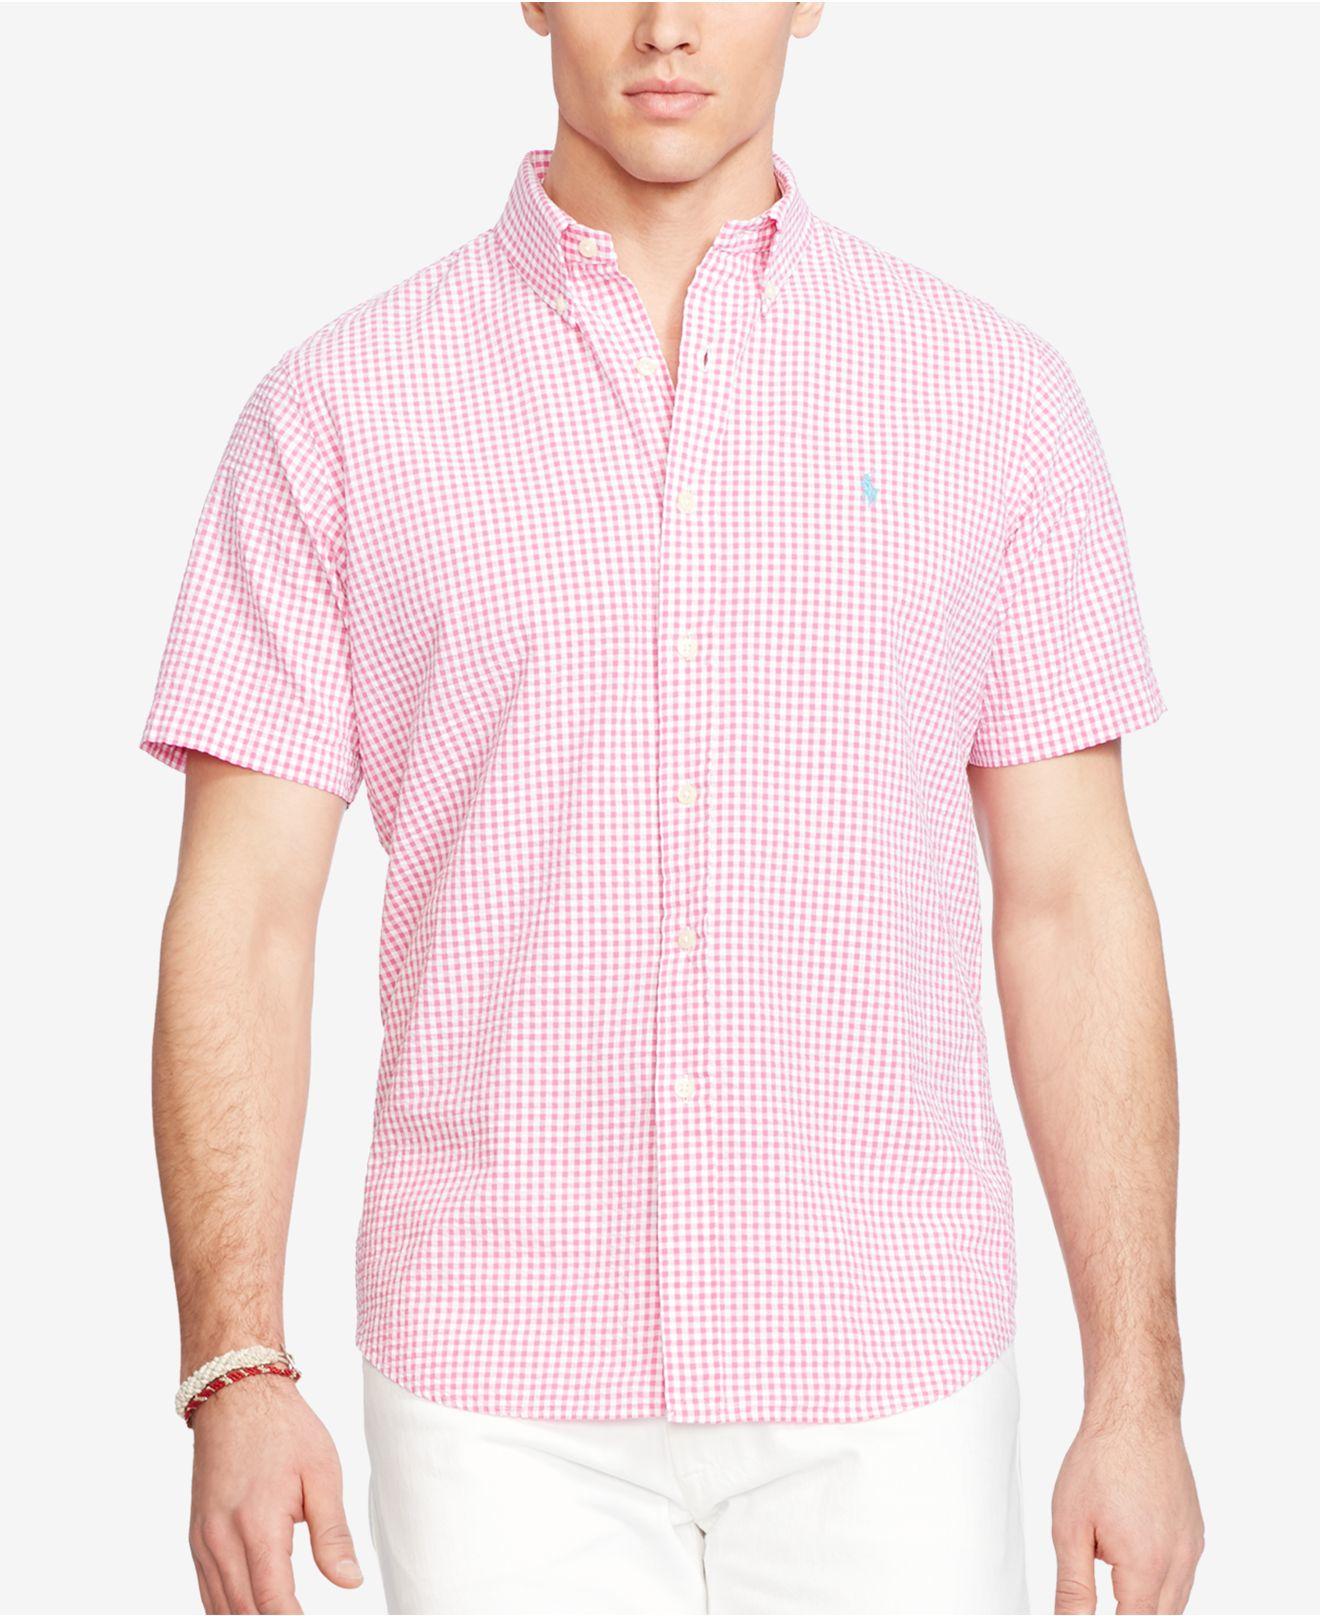 Polo ralph lauren short sleeve seersucker shirt in pink for Pink and white ralph lauren shirt